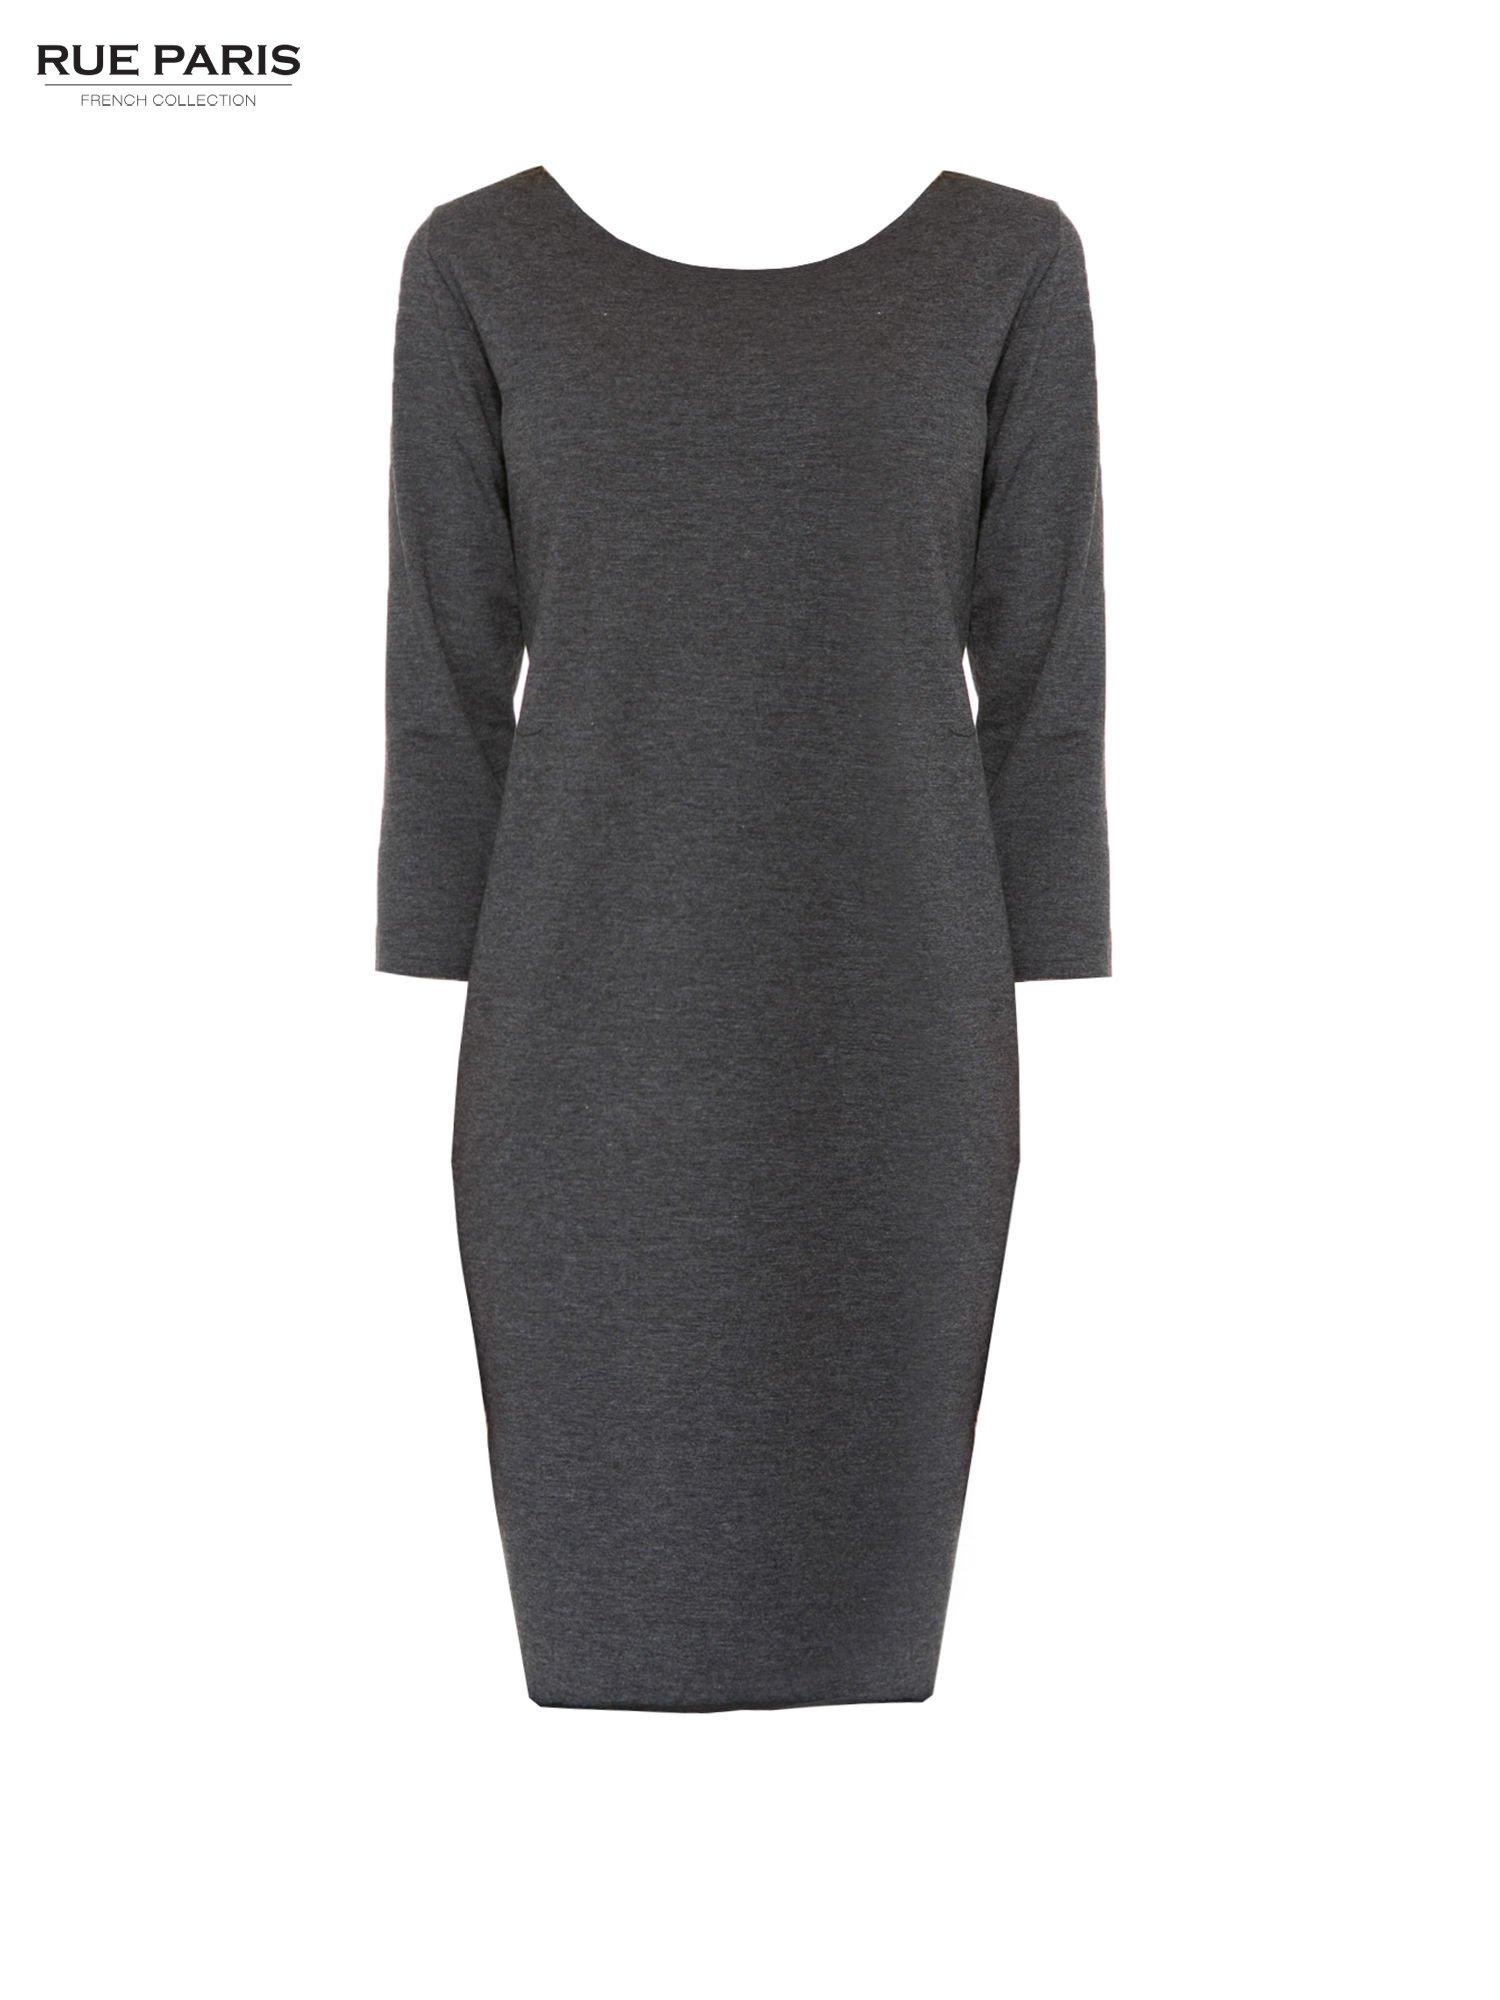 Szara prosta sukienka z surowym wykończeniem i kieszeniami                                  zdj.                                  5